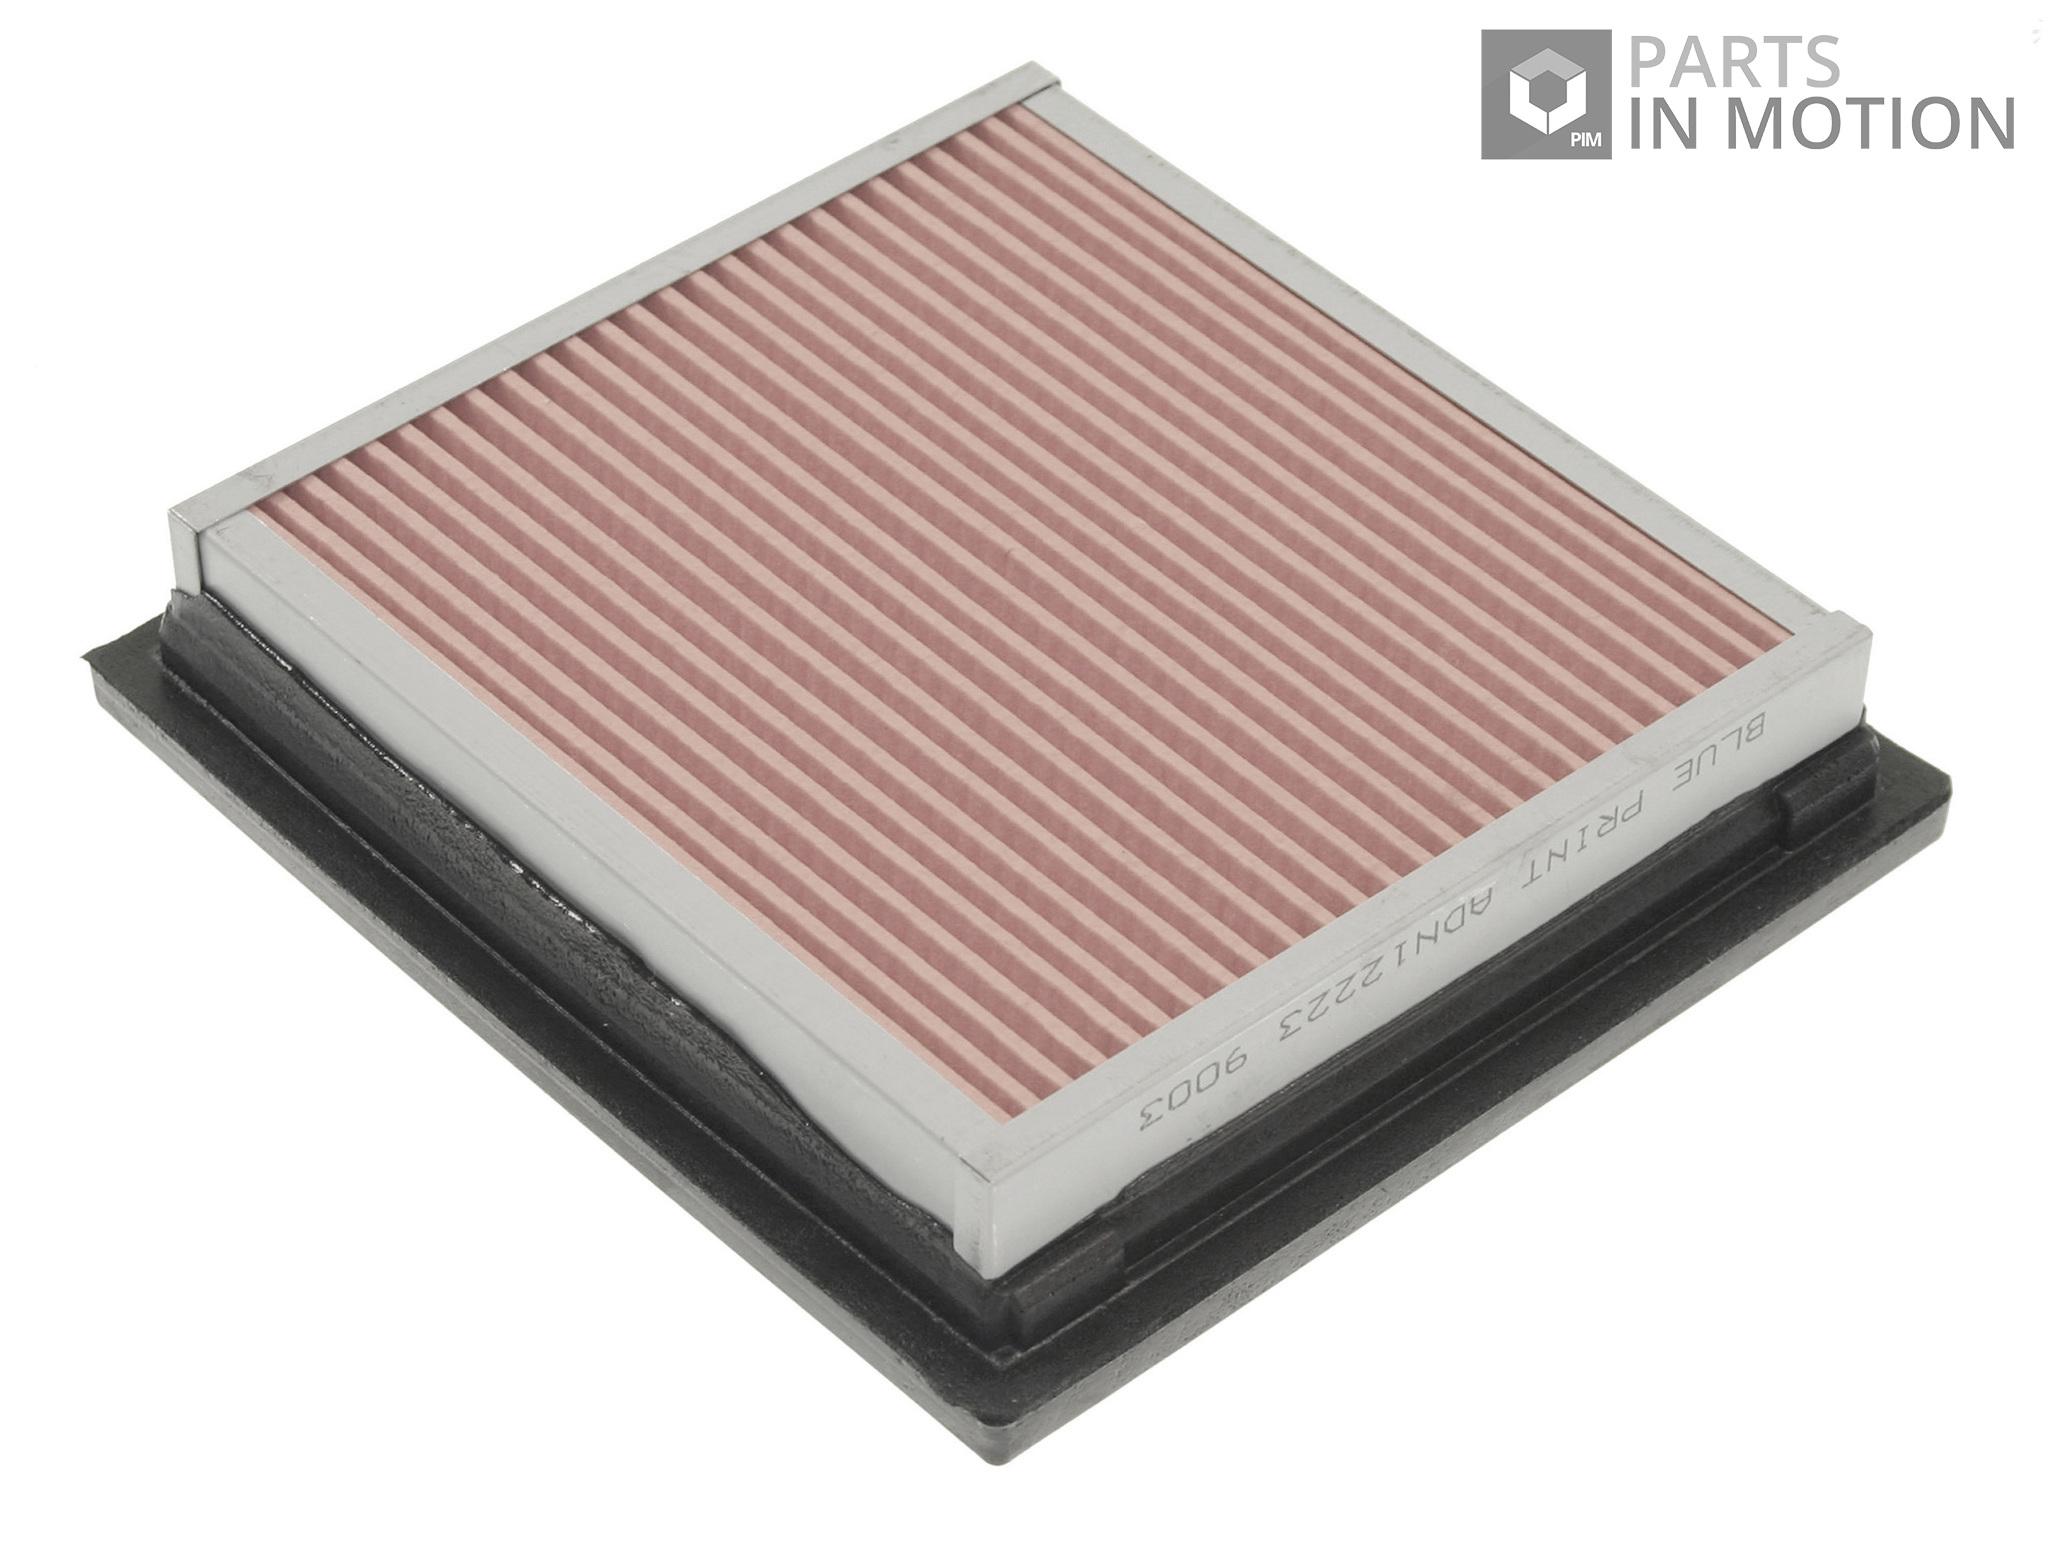 STARLINE Luftfilter SF VF2459 für NISSAN MICRA 2 K11 3 K12 NOTE E11 1.0 16V 1.2